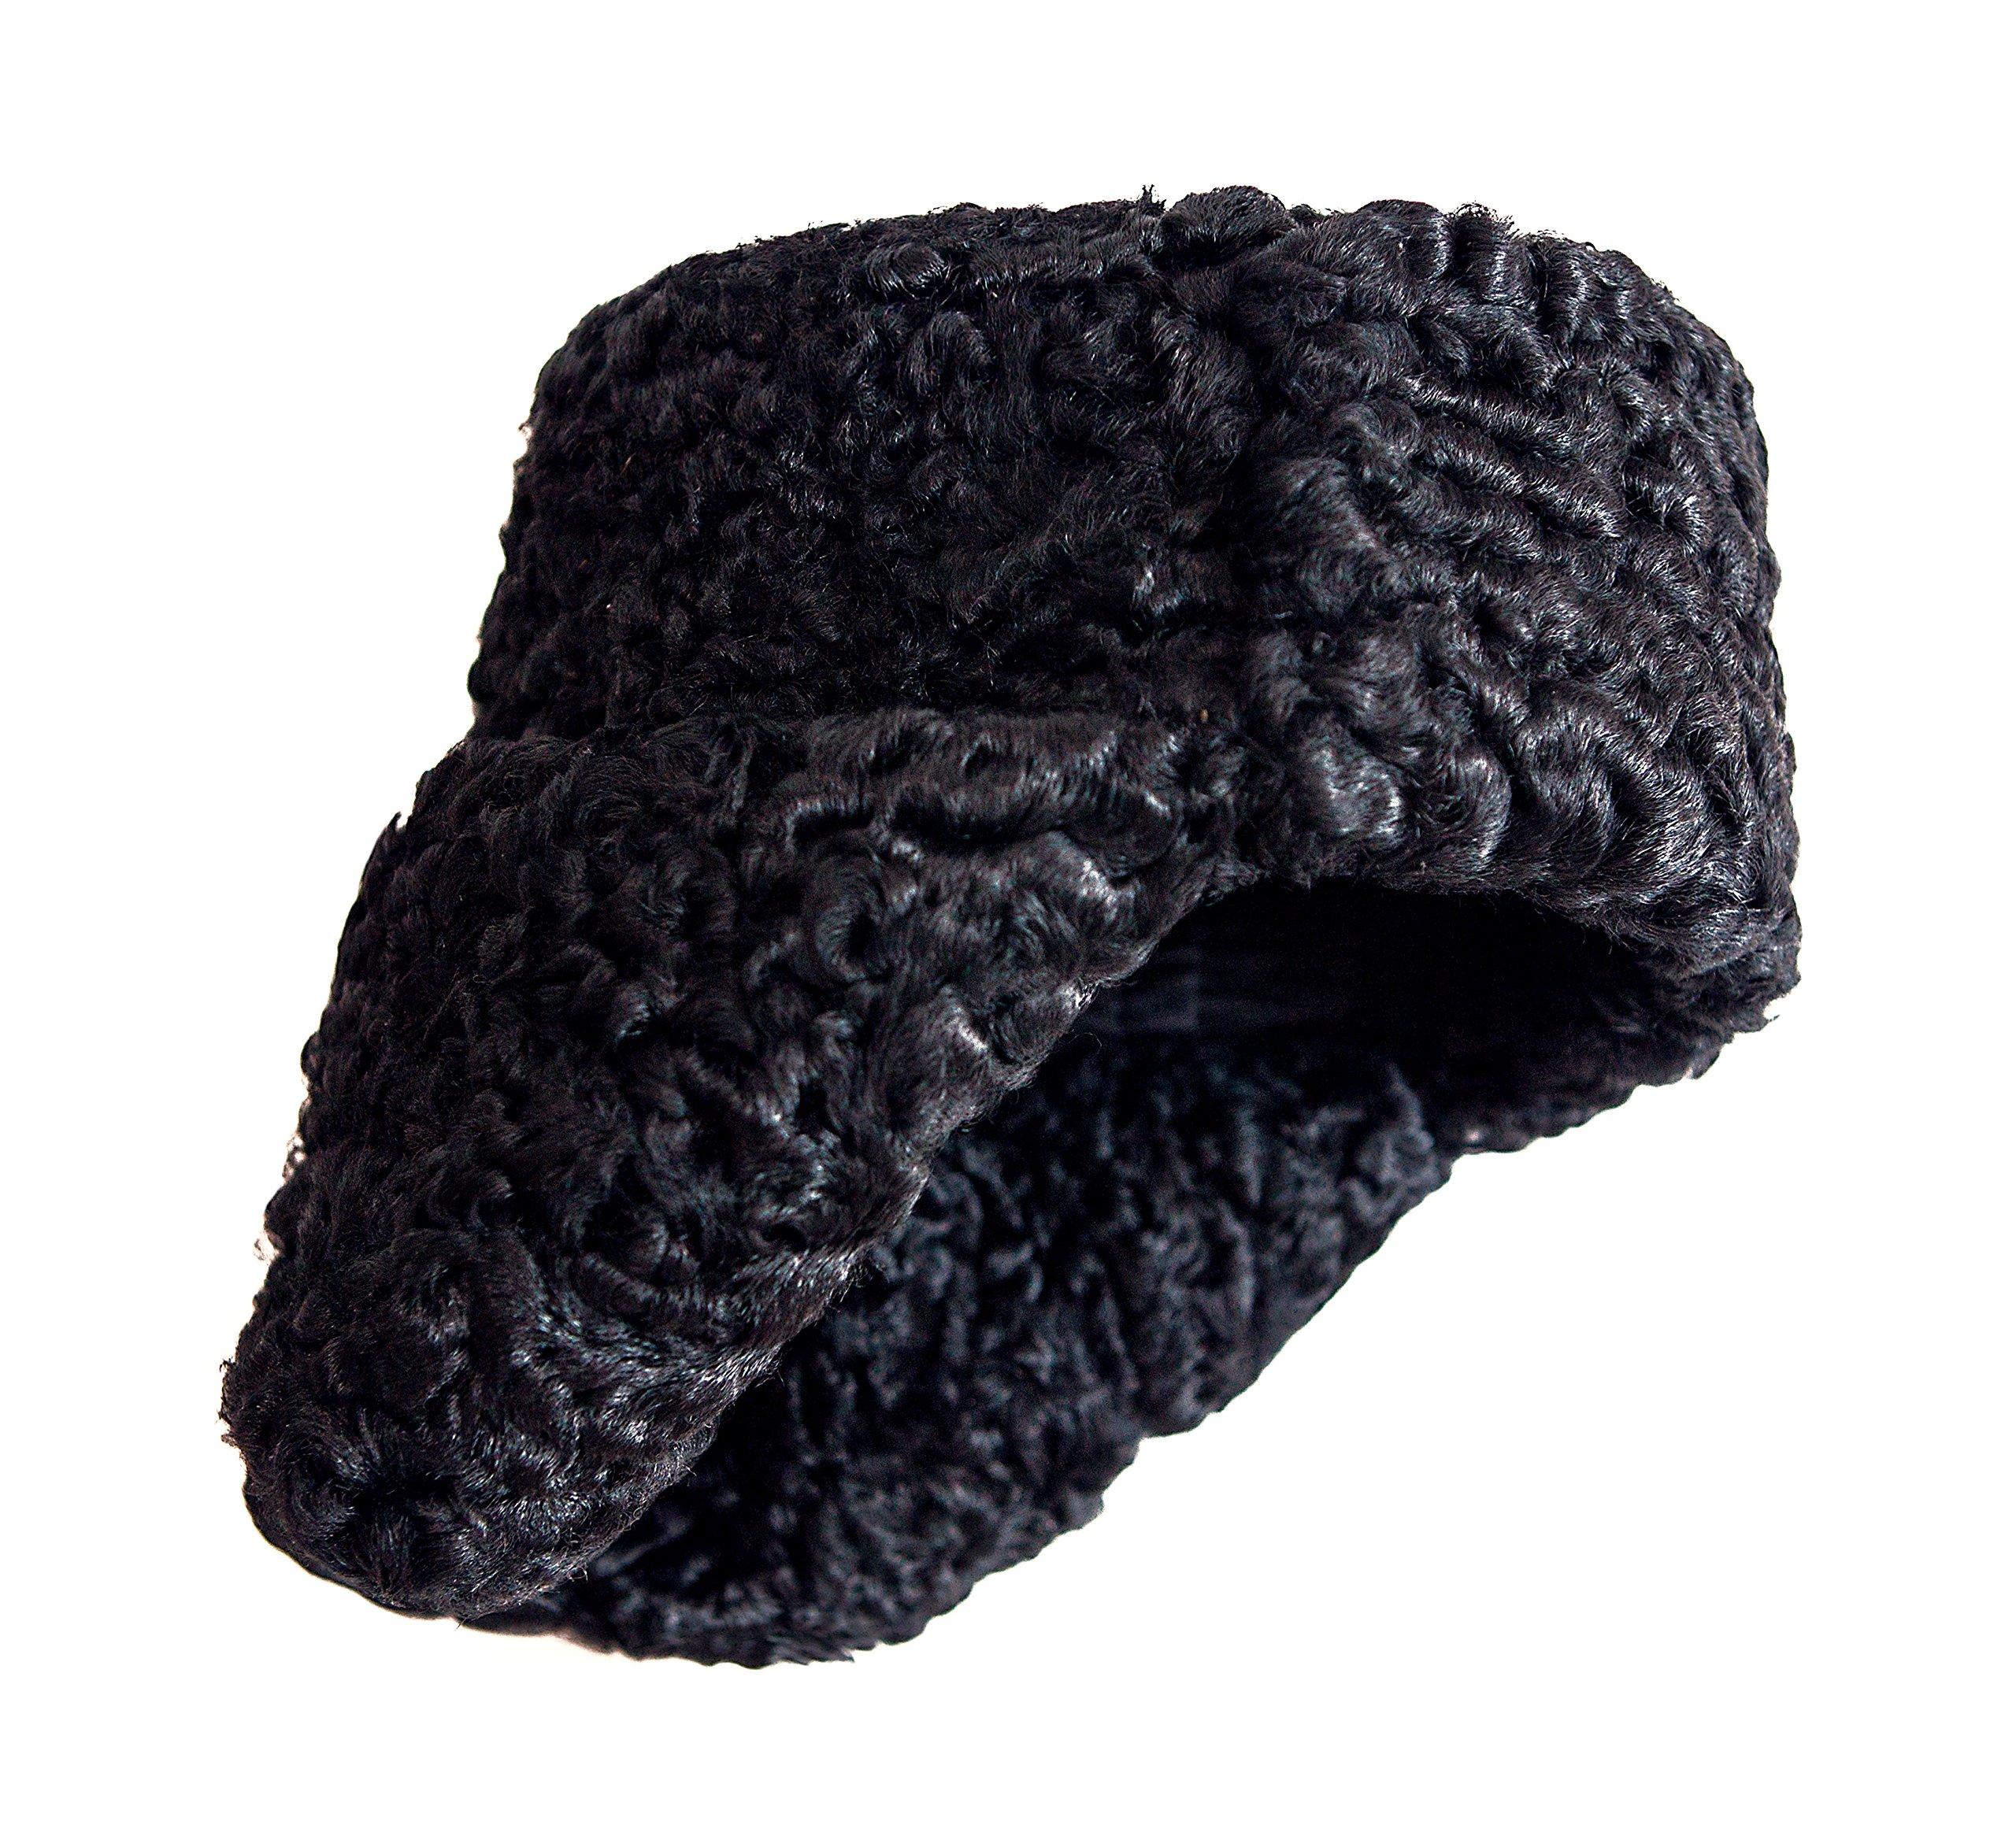 Karakul Astrakhan Fur Sheepskin Ushanka Hat. Black. 63 by Ushanka company (Image #2)